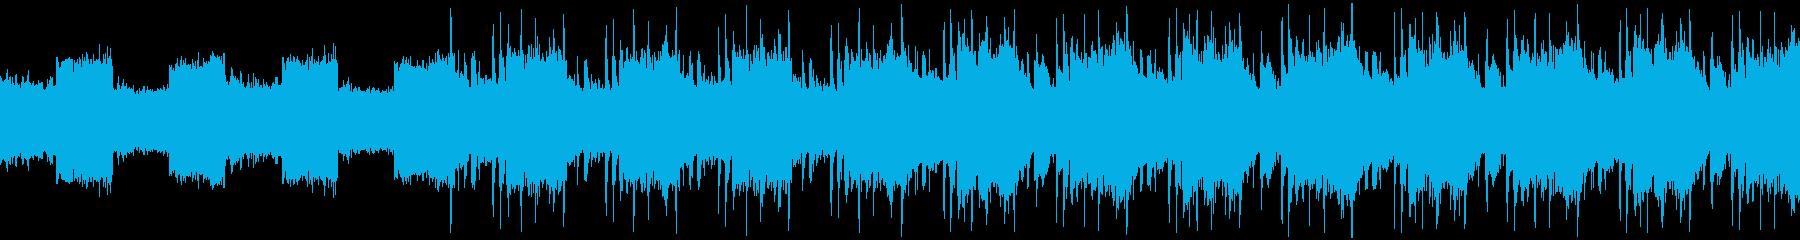 まさにバトルのイメージのEDMですの再生済みの波形